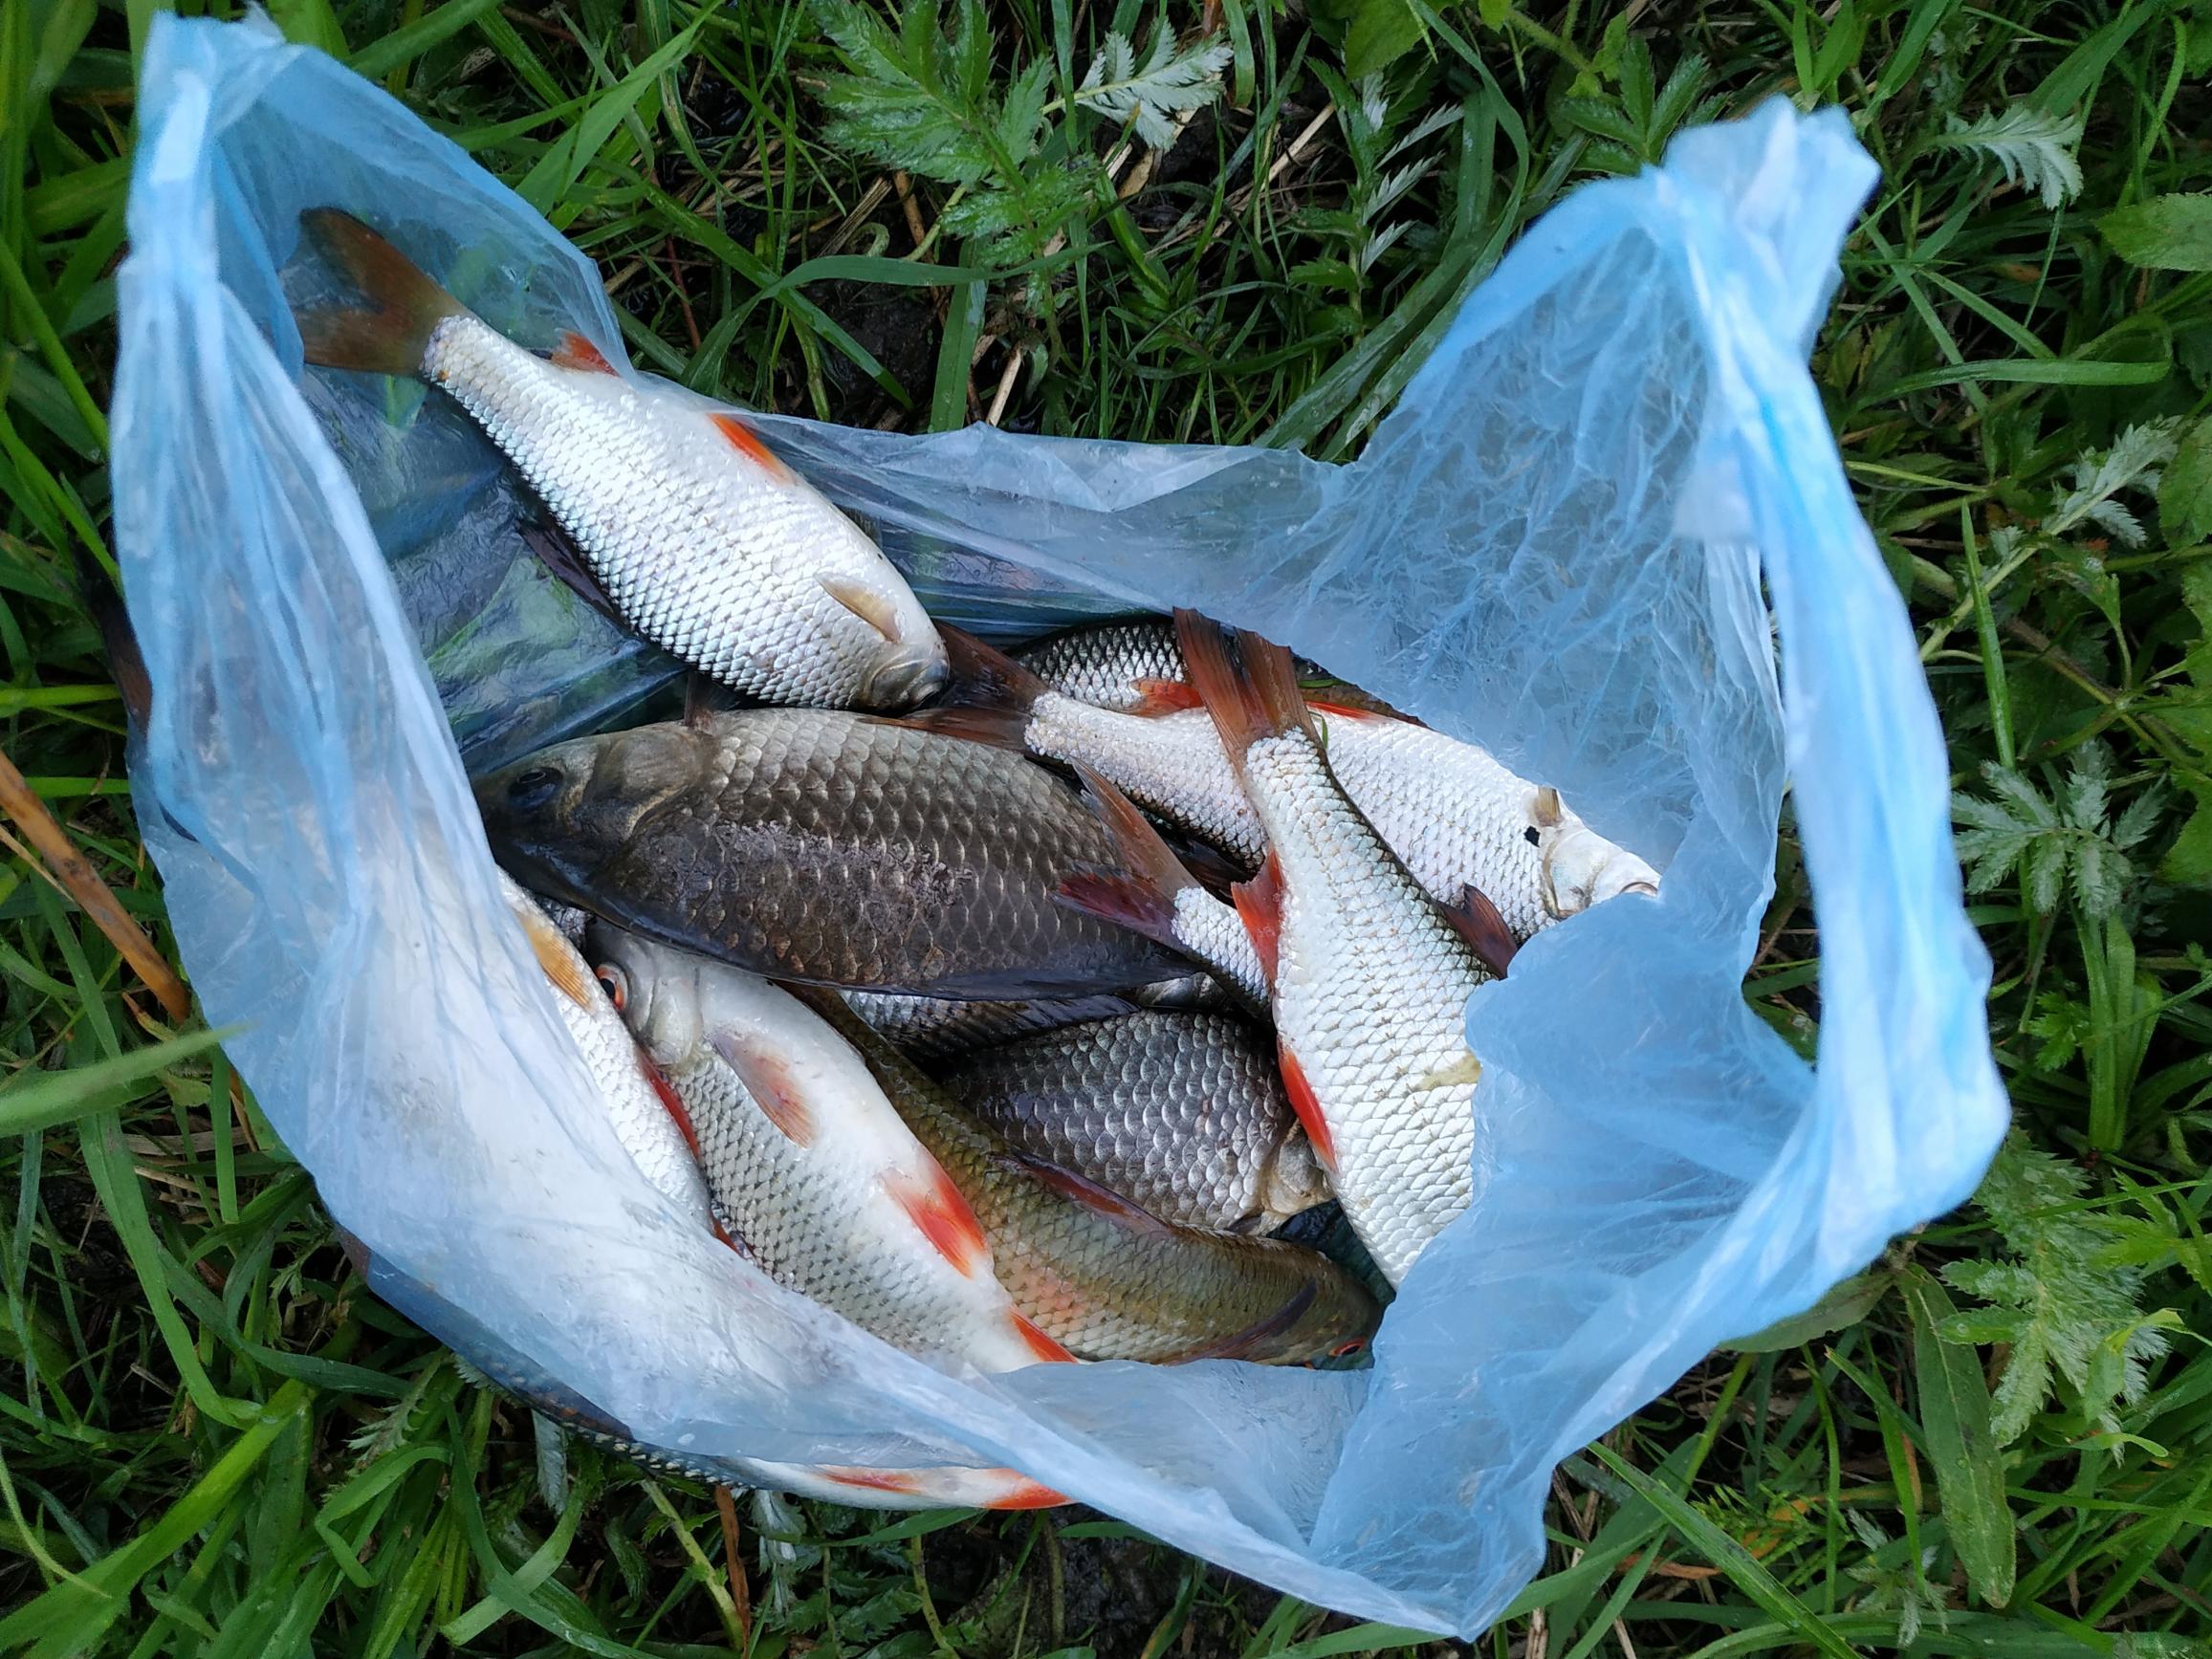 Птичь - водоем контрастов. Вчера за вечер лишь ... | Отчеты о рыбалке в Беларуси